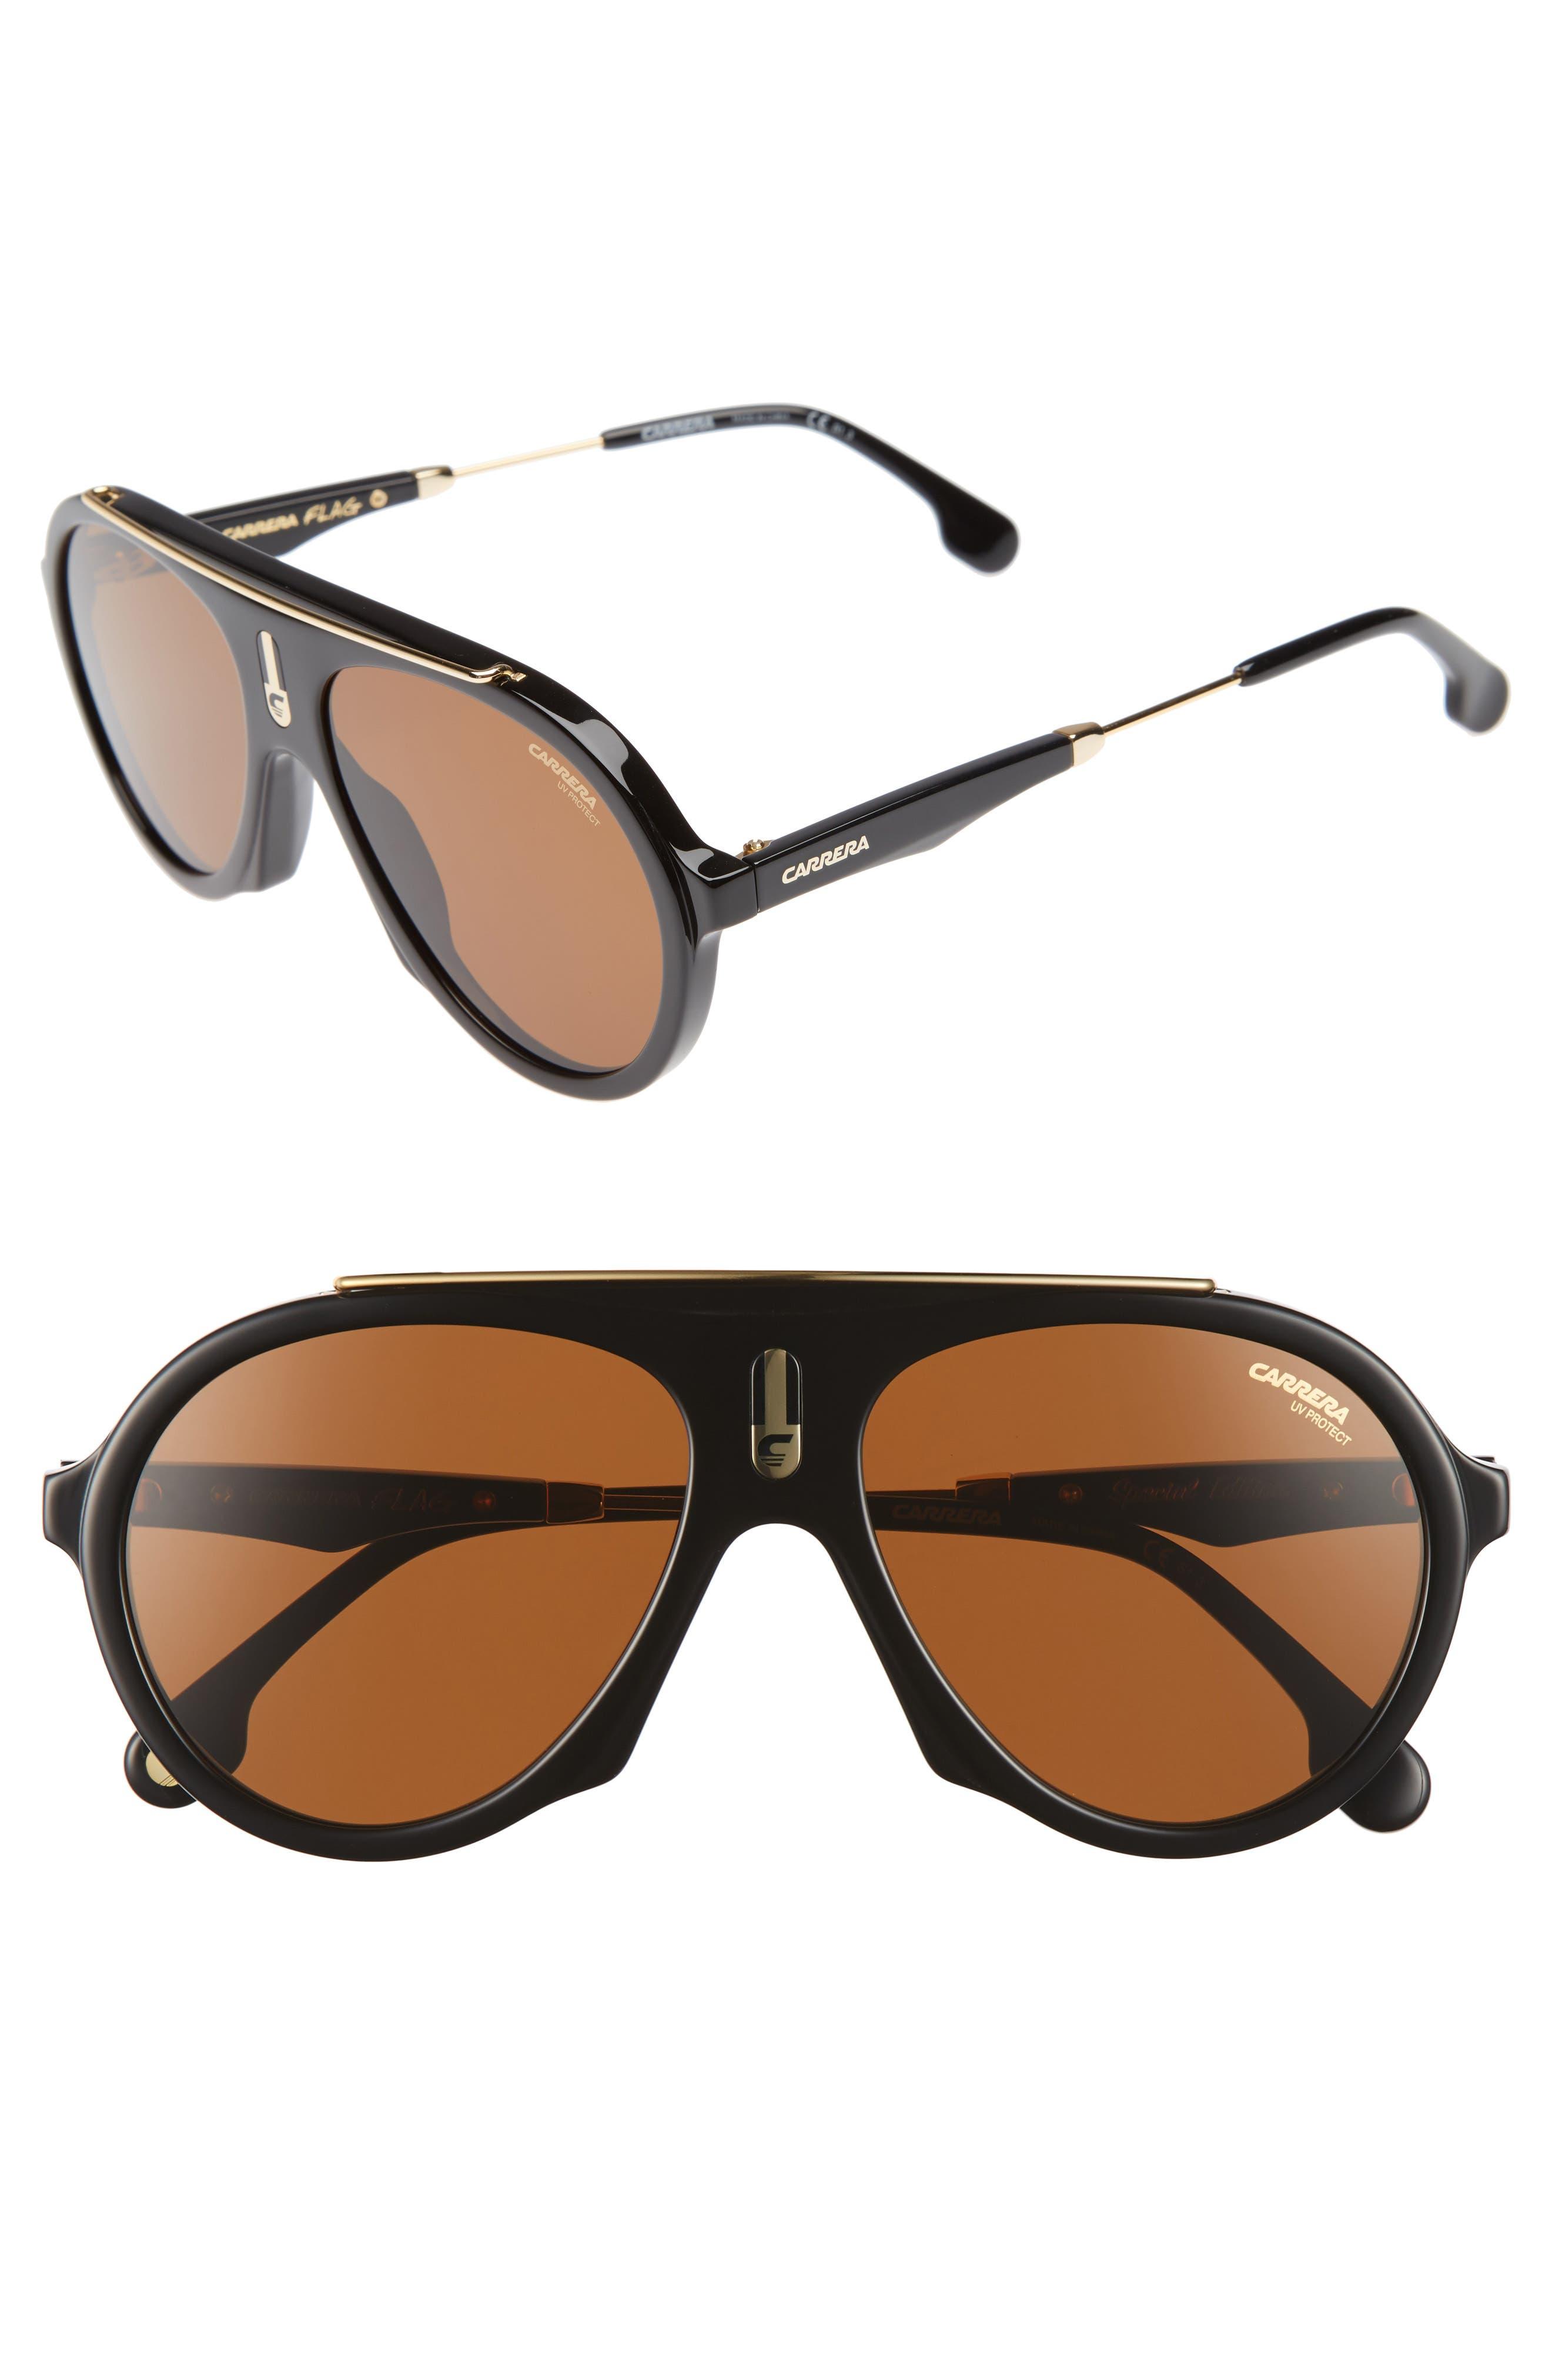 Main Image - Carrera Eyewear Flags 57mm Sunglasses